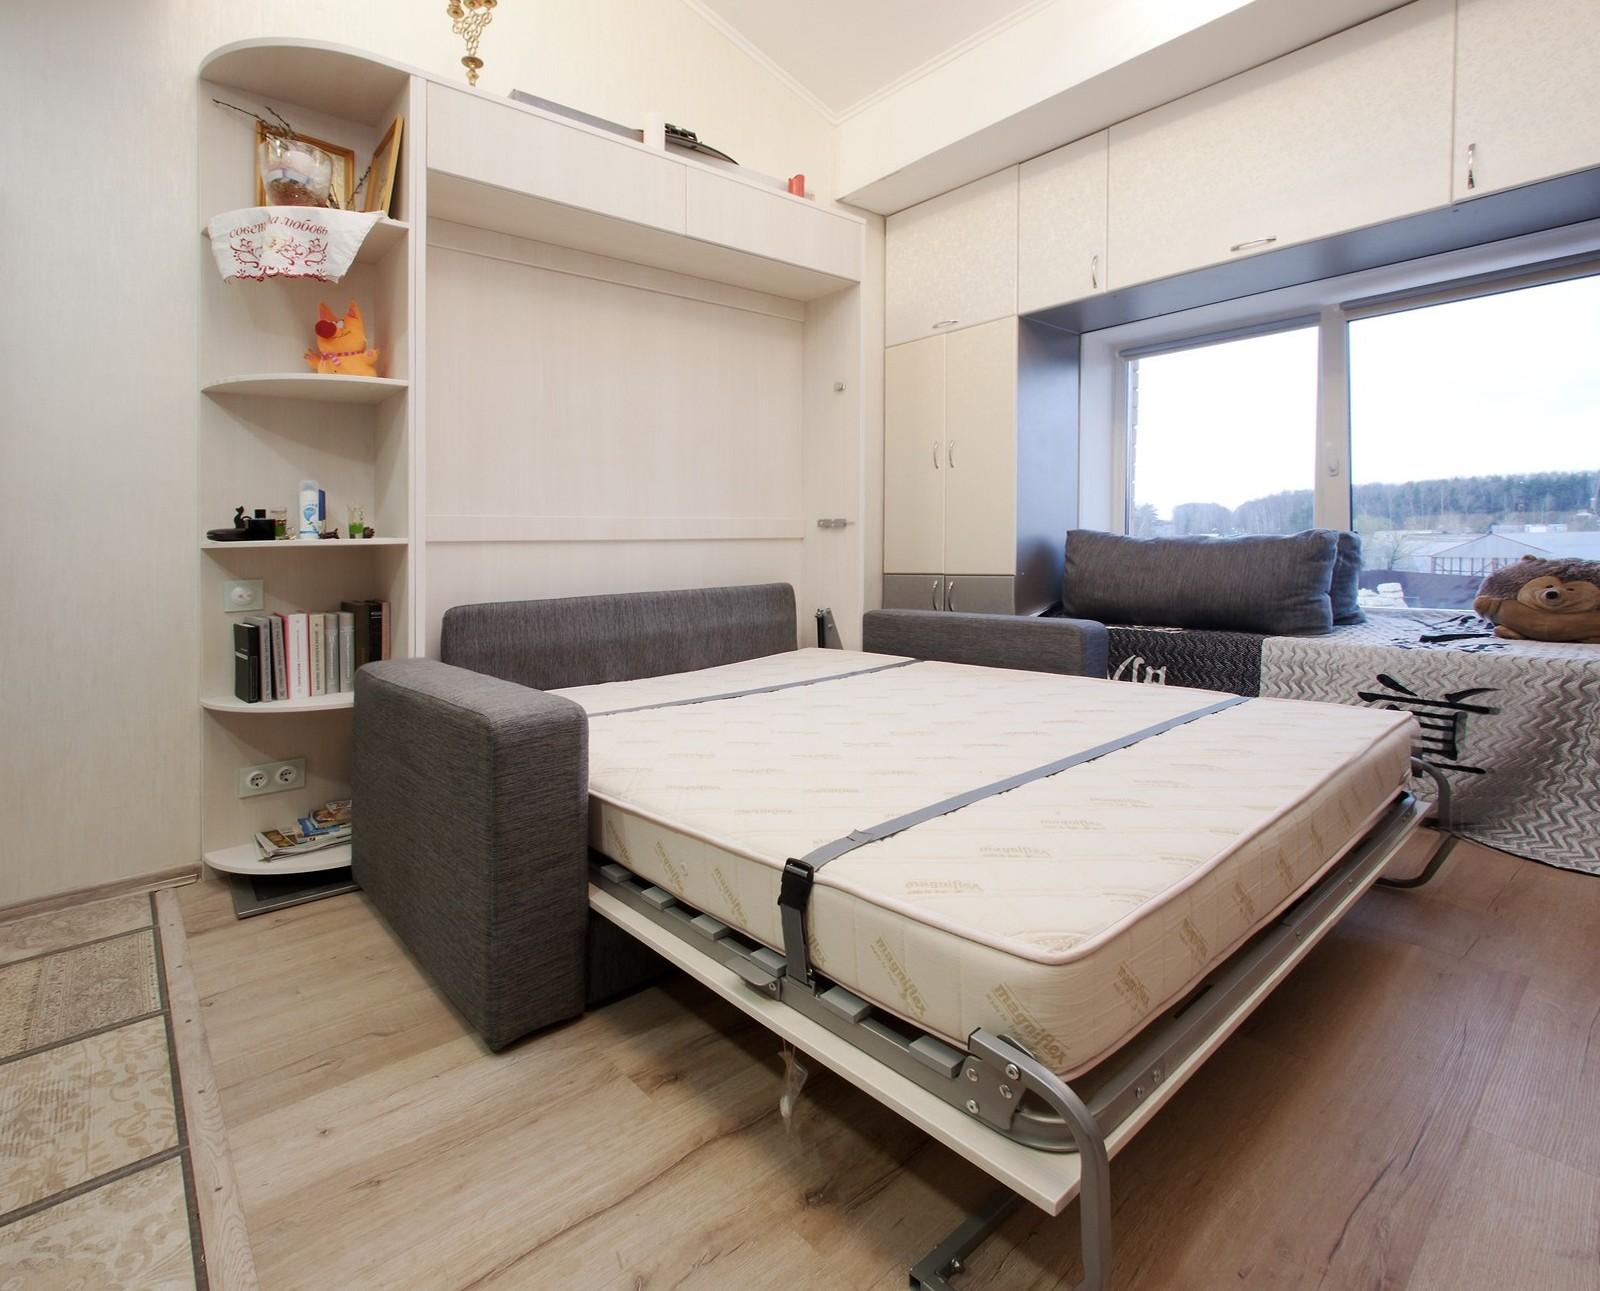 кровать трансформер для малогабаритной квартиры двуспальная